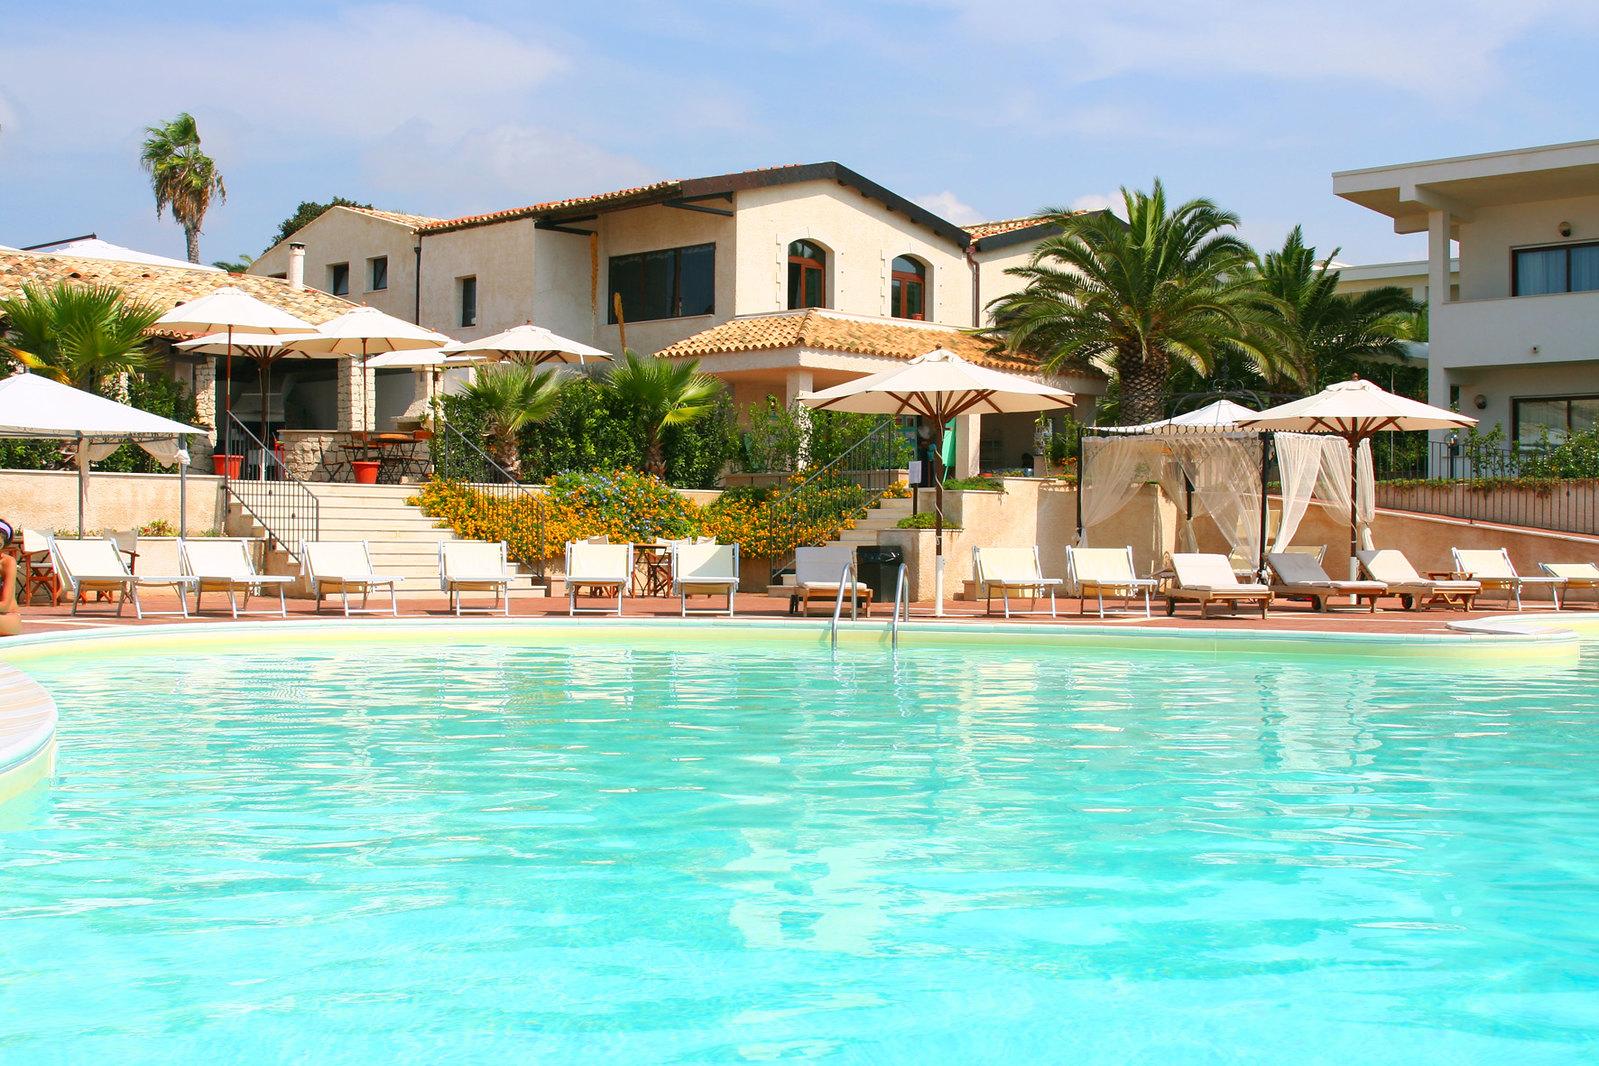 Affitto villa con piscina sicilia